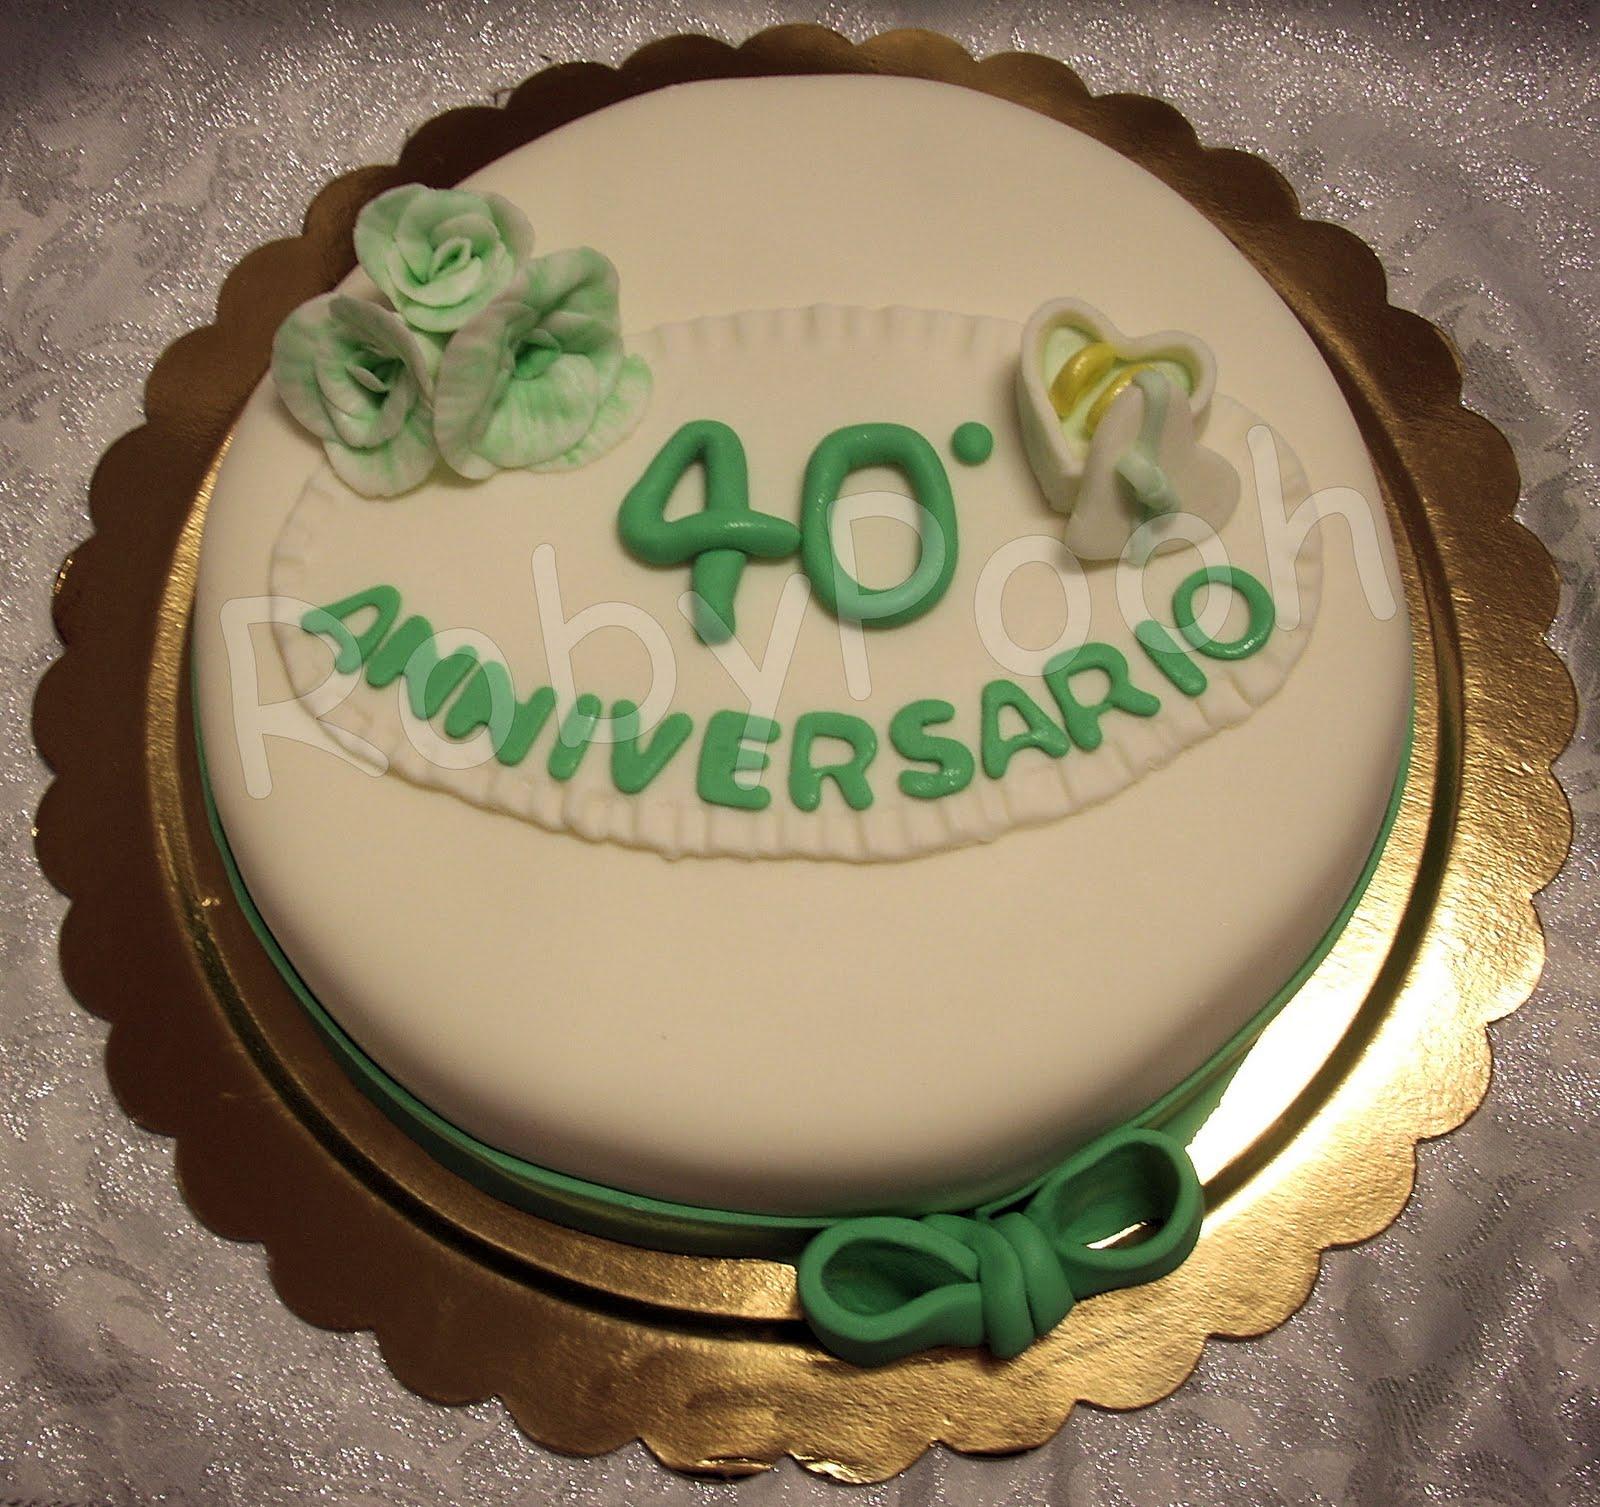 Souvent Frasi Per Matrimonio 40 Anni | Householdlinenscork RW92